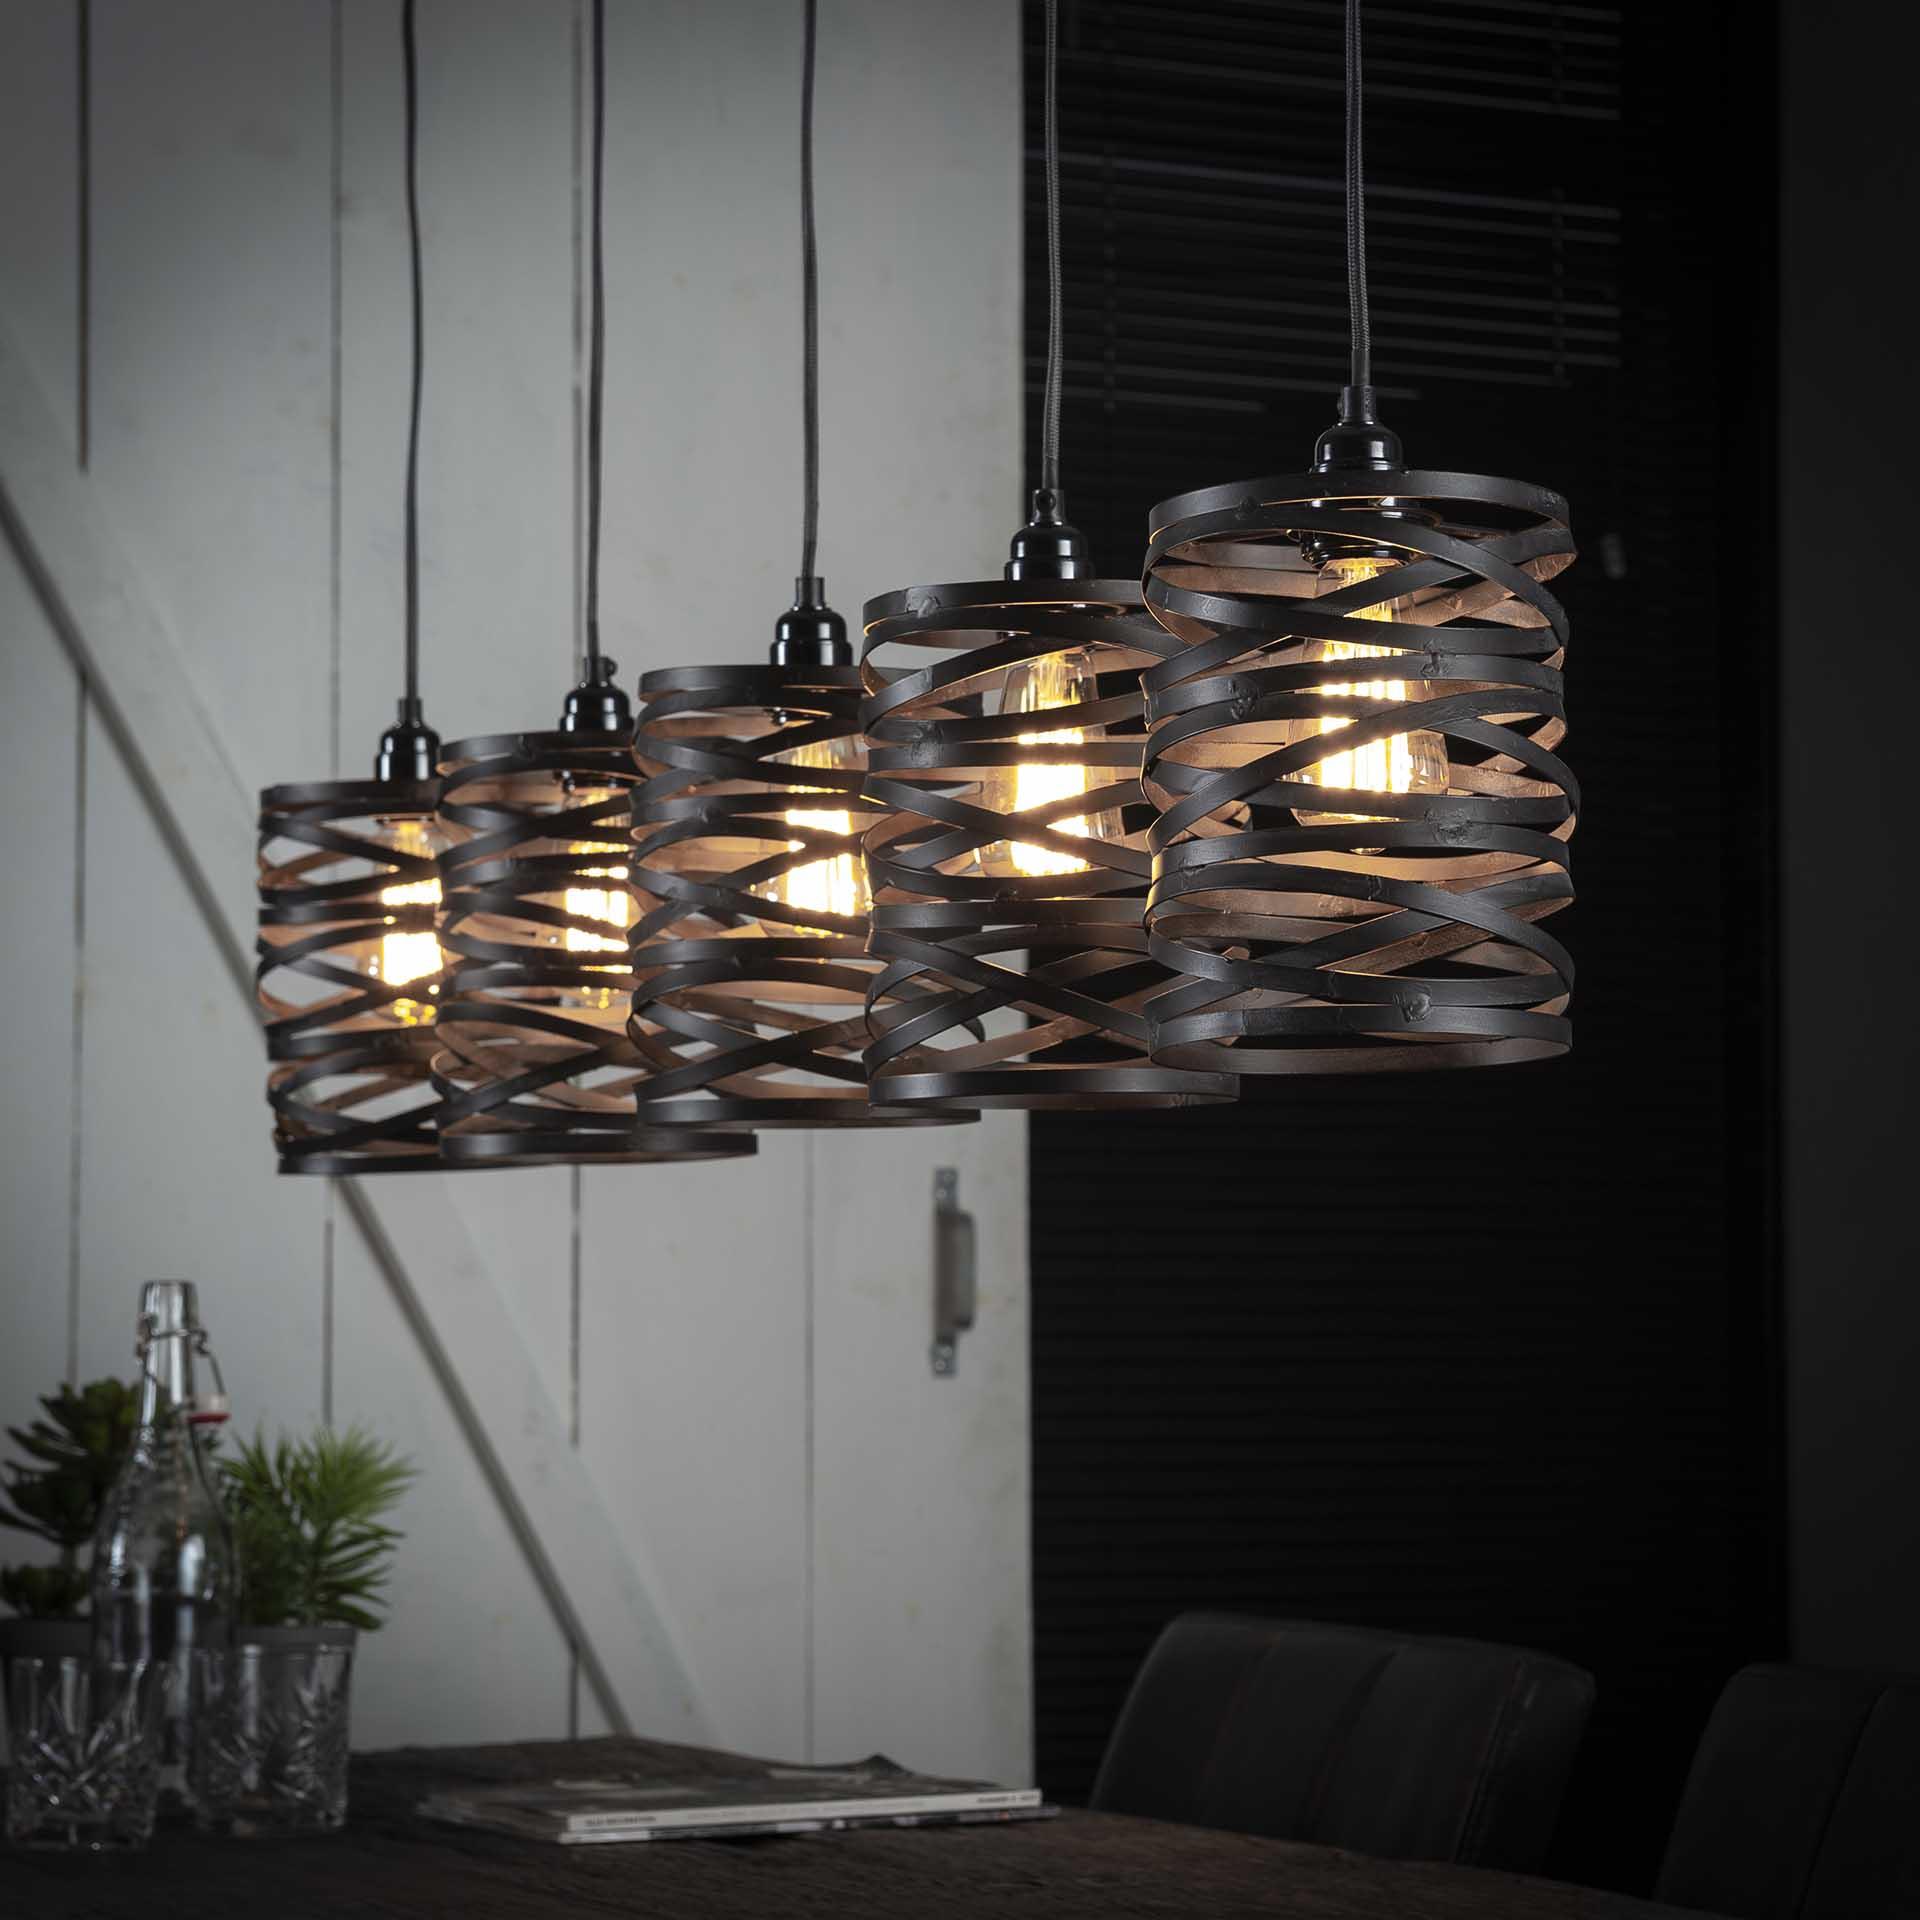 Hanglamp 5x 17 spindle - Slate grey